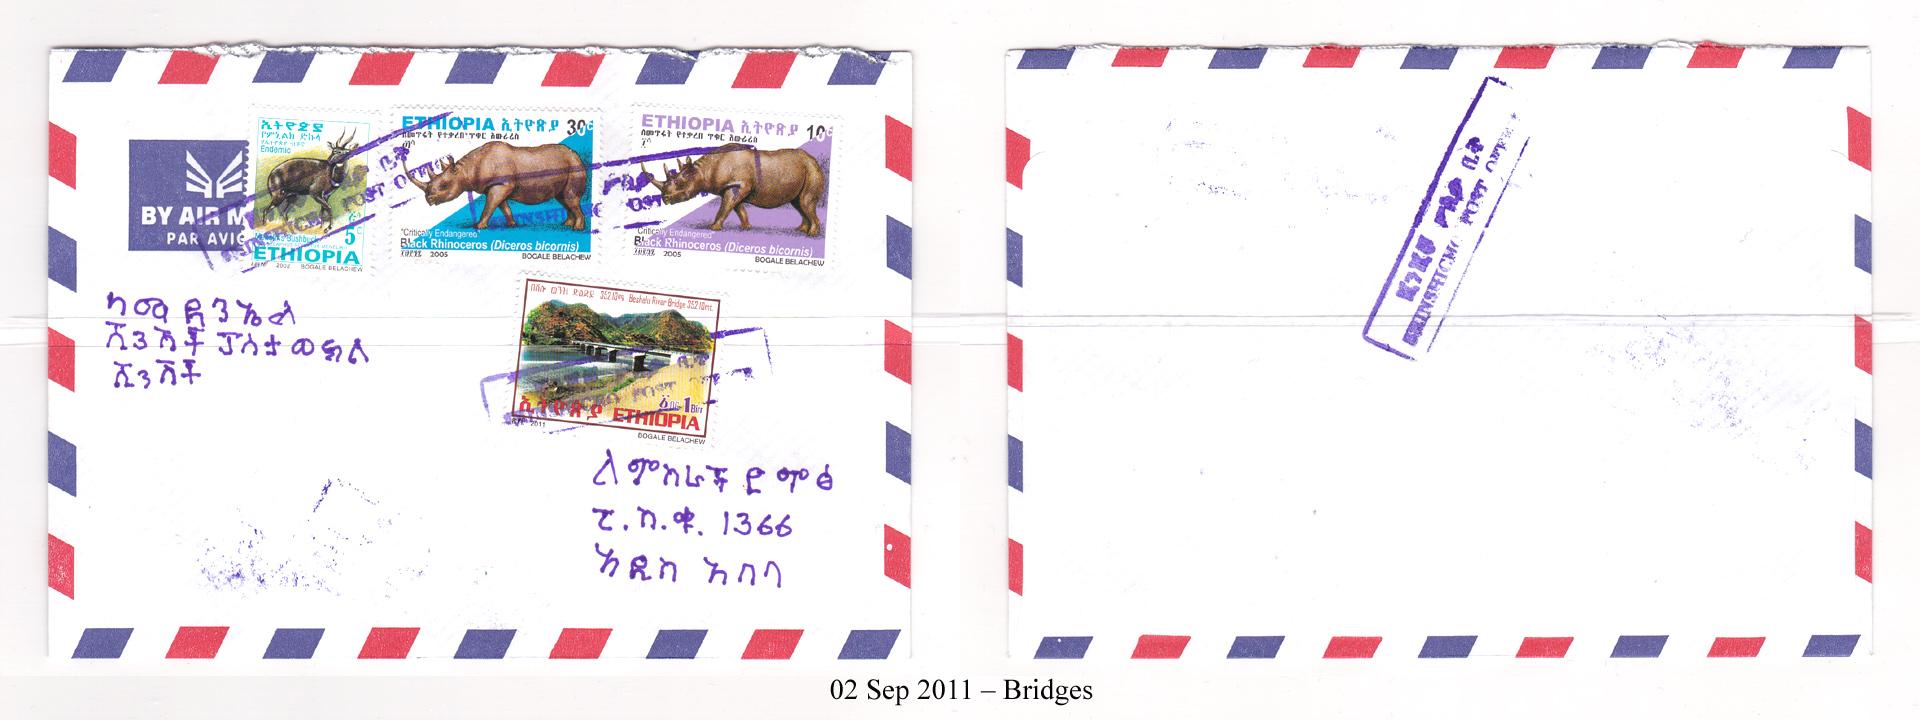 20110902 - Bridges